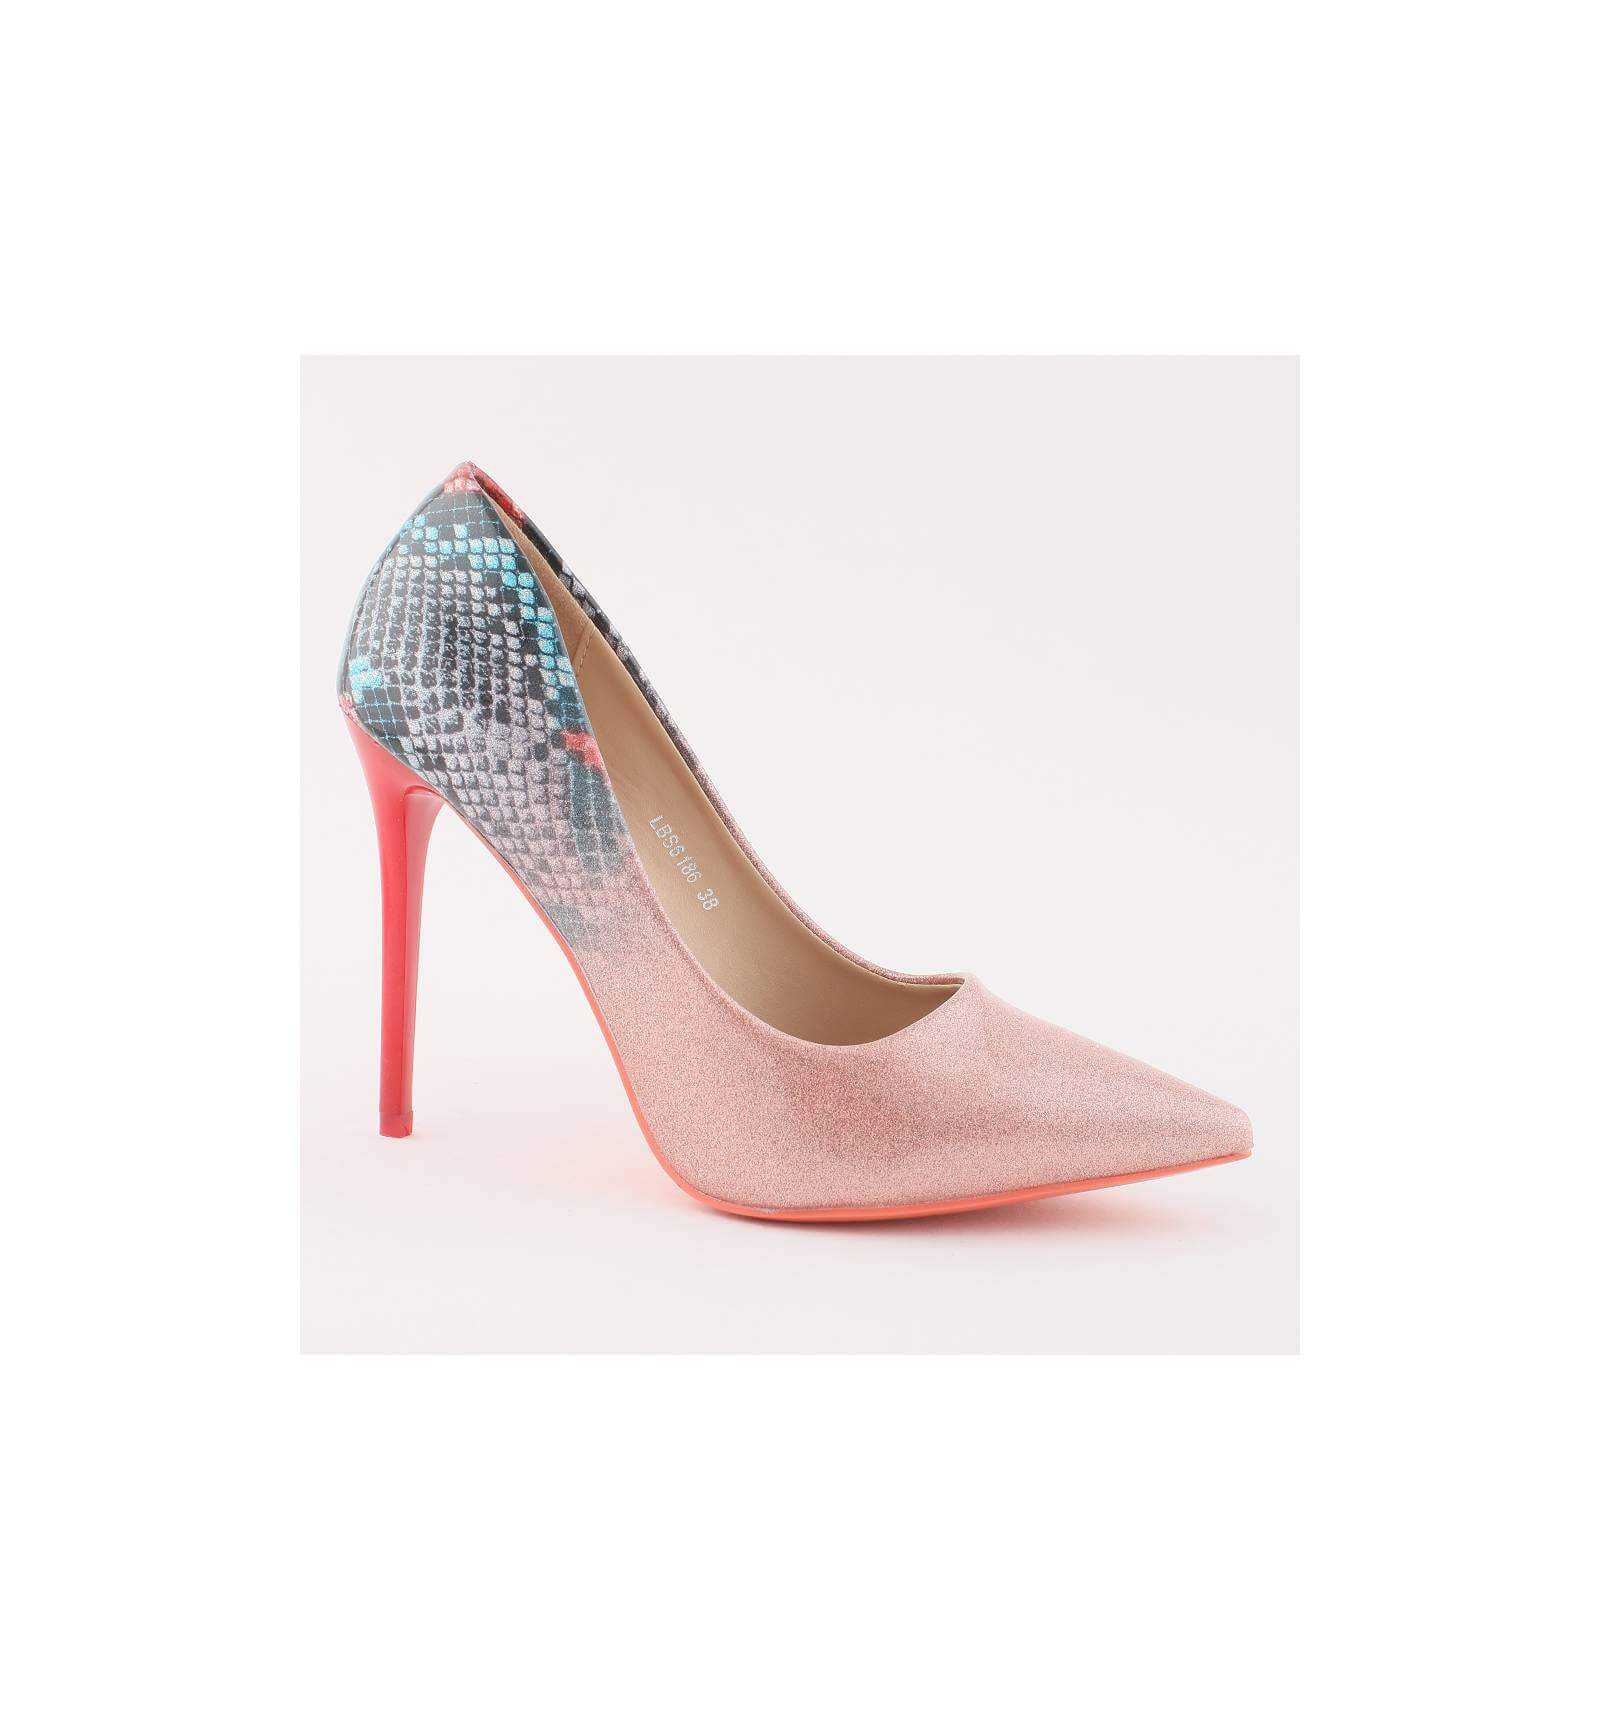 2e8c4c998e842 Chaussures de soirée pour femme talon aiguille champagne verni Sarah